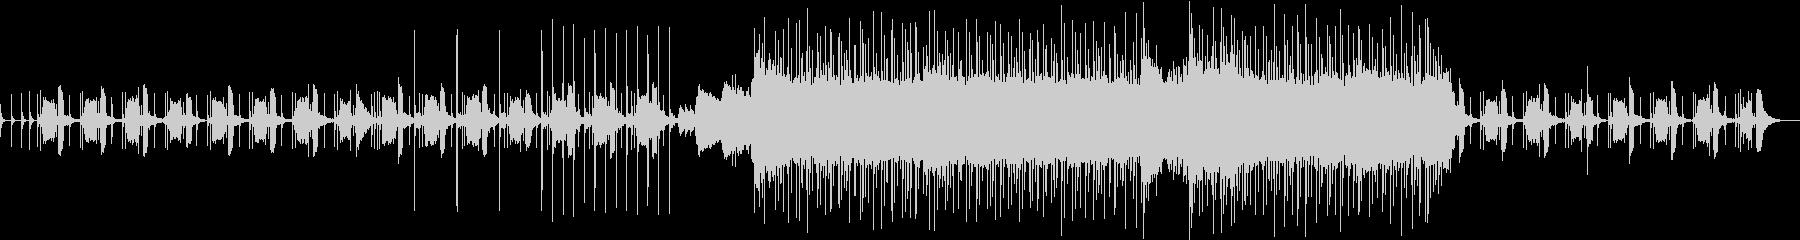 エロクトロなメロコアの未再生の波形